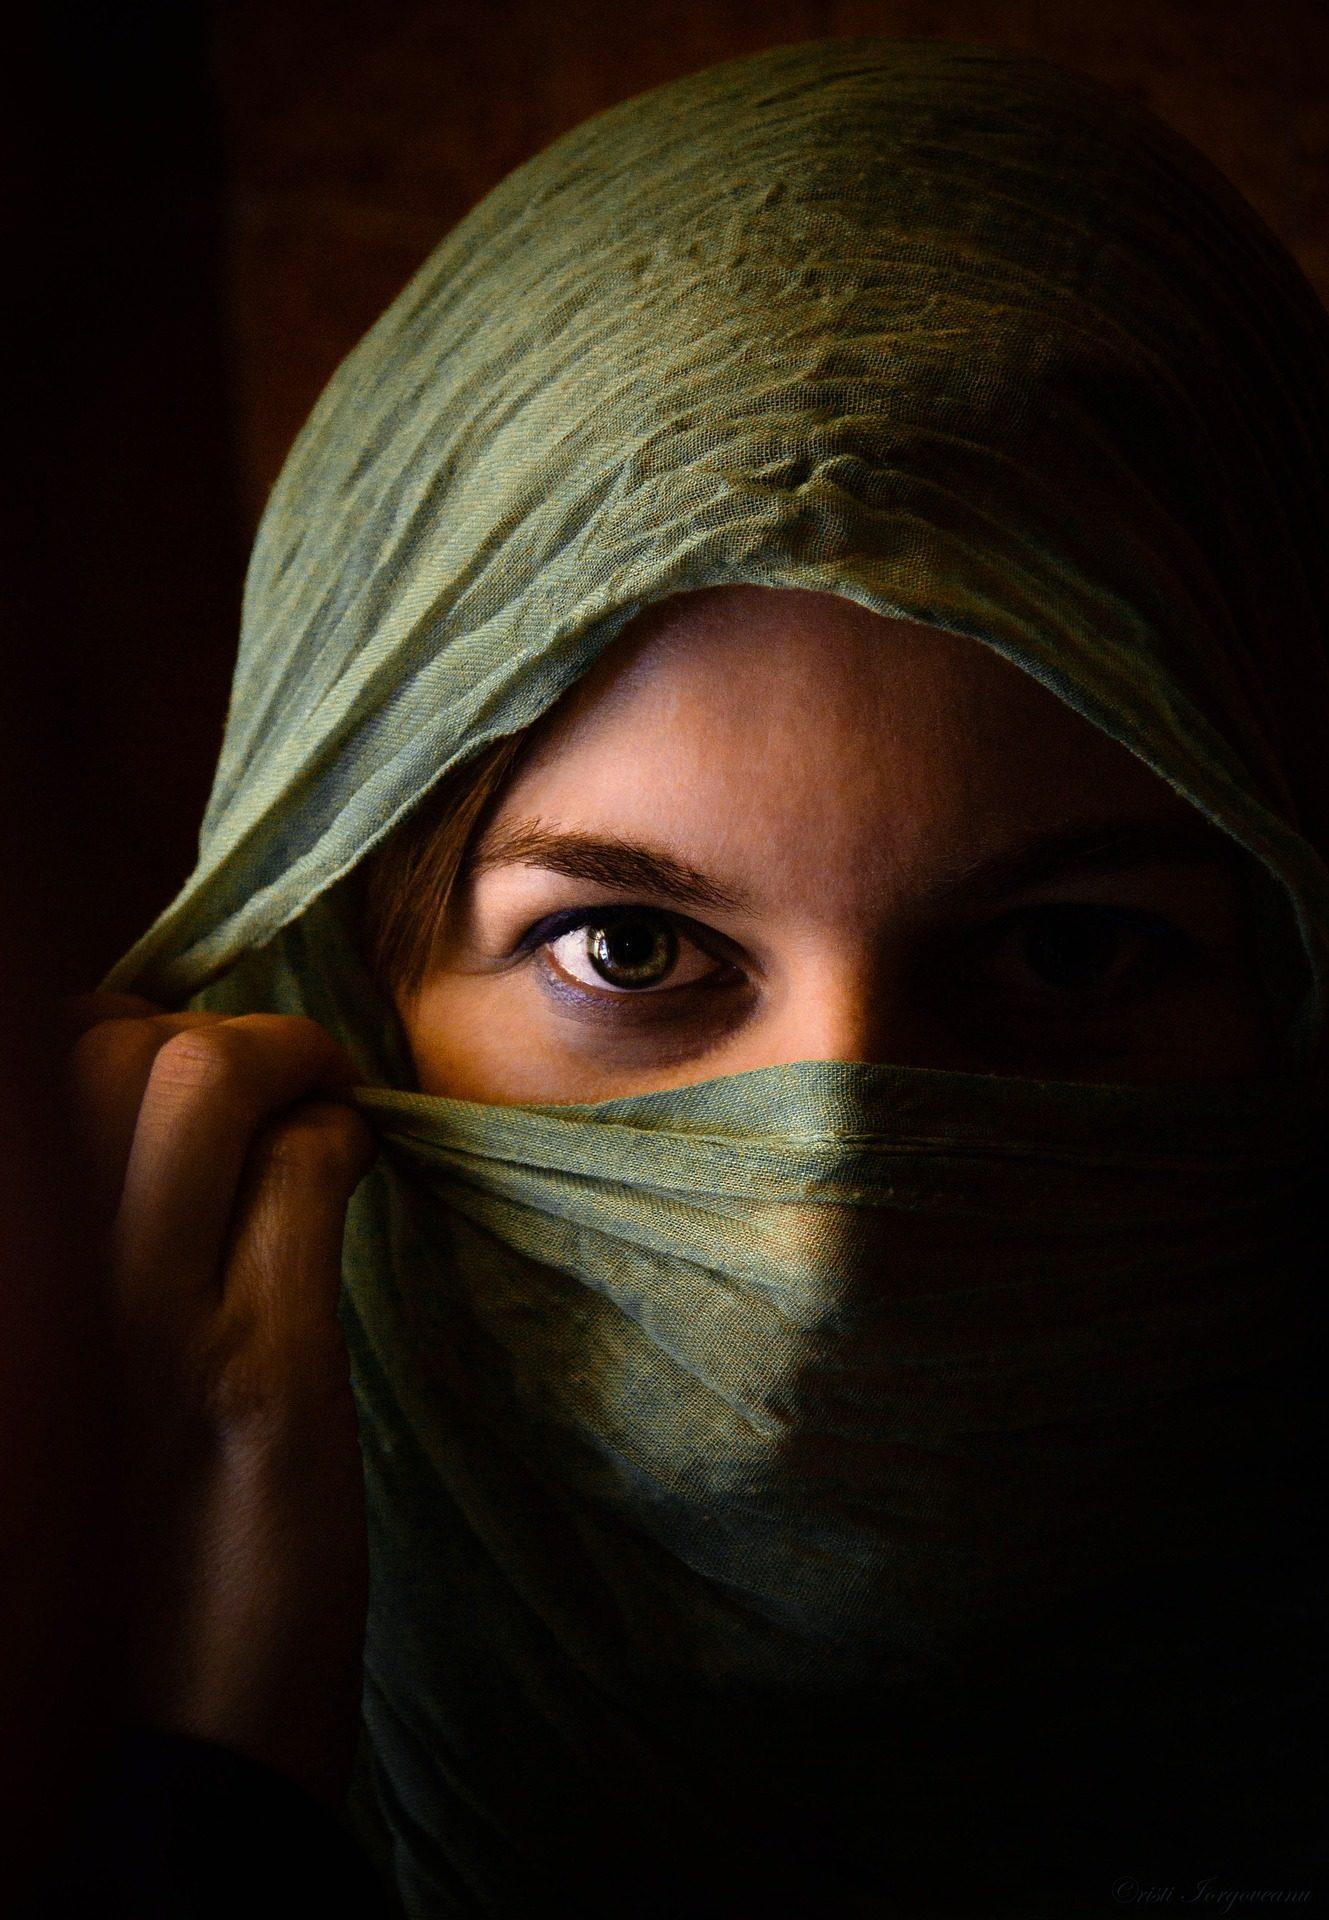 donna, occhi, velo, sciarpa, sguardo - Sfondi HD - Professor-falken.com